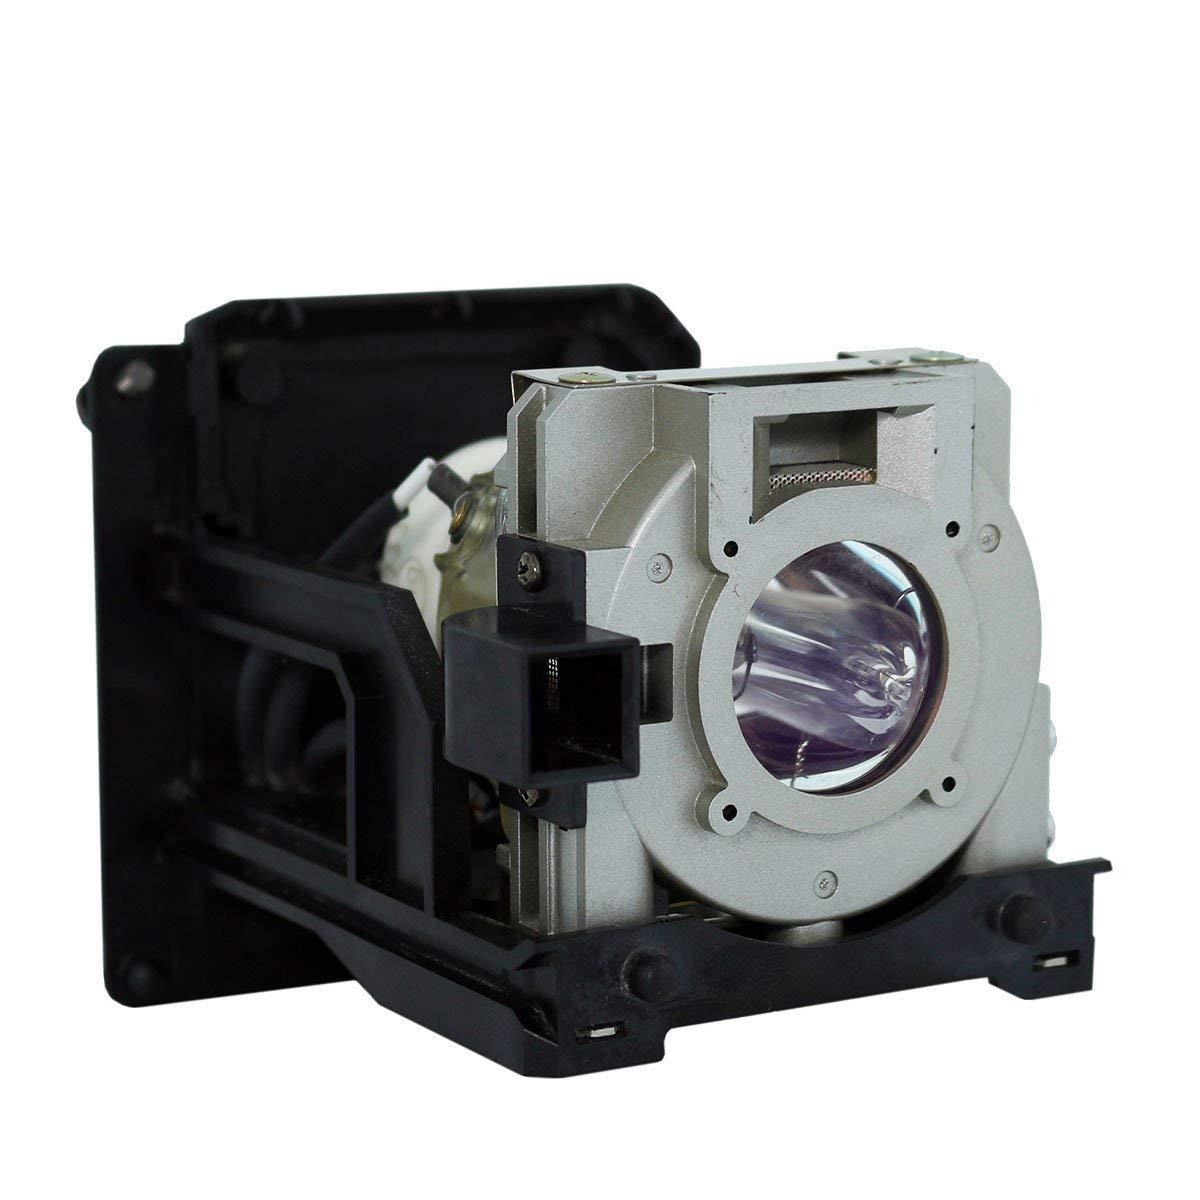 Supermait LT60LPK / 50023919 L¨ ¢ mpara original para proyector con carcasa para NEC HT1000 / HT1100 / LT220 / LT240 / LT240K / LT245 / LT260 / LT260K / LT265 / WT600 / HT1000G / HT1100G / LT220G / LT240G / LT260GK / LT245G / LT245GOV / LT265G / L